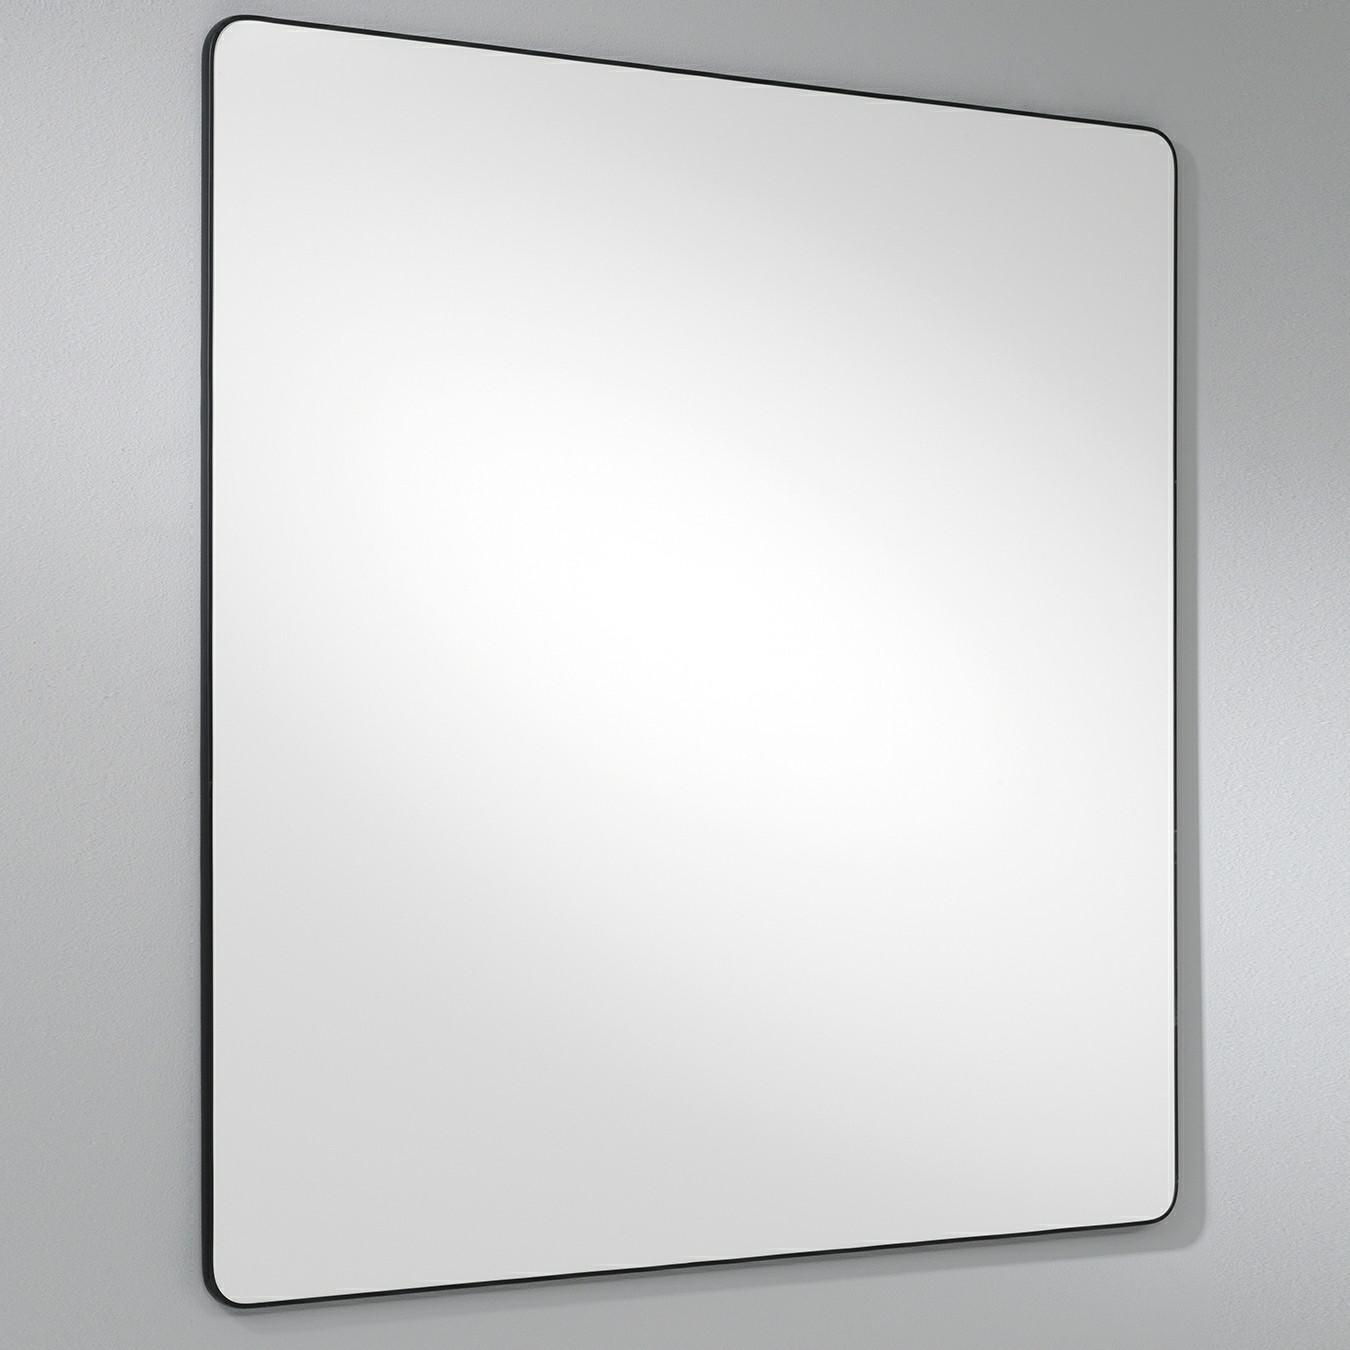 Lintex Edge - Hvid whiteboardtavle med sort kantliste 100 x 120 cm